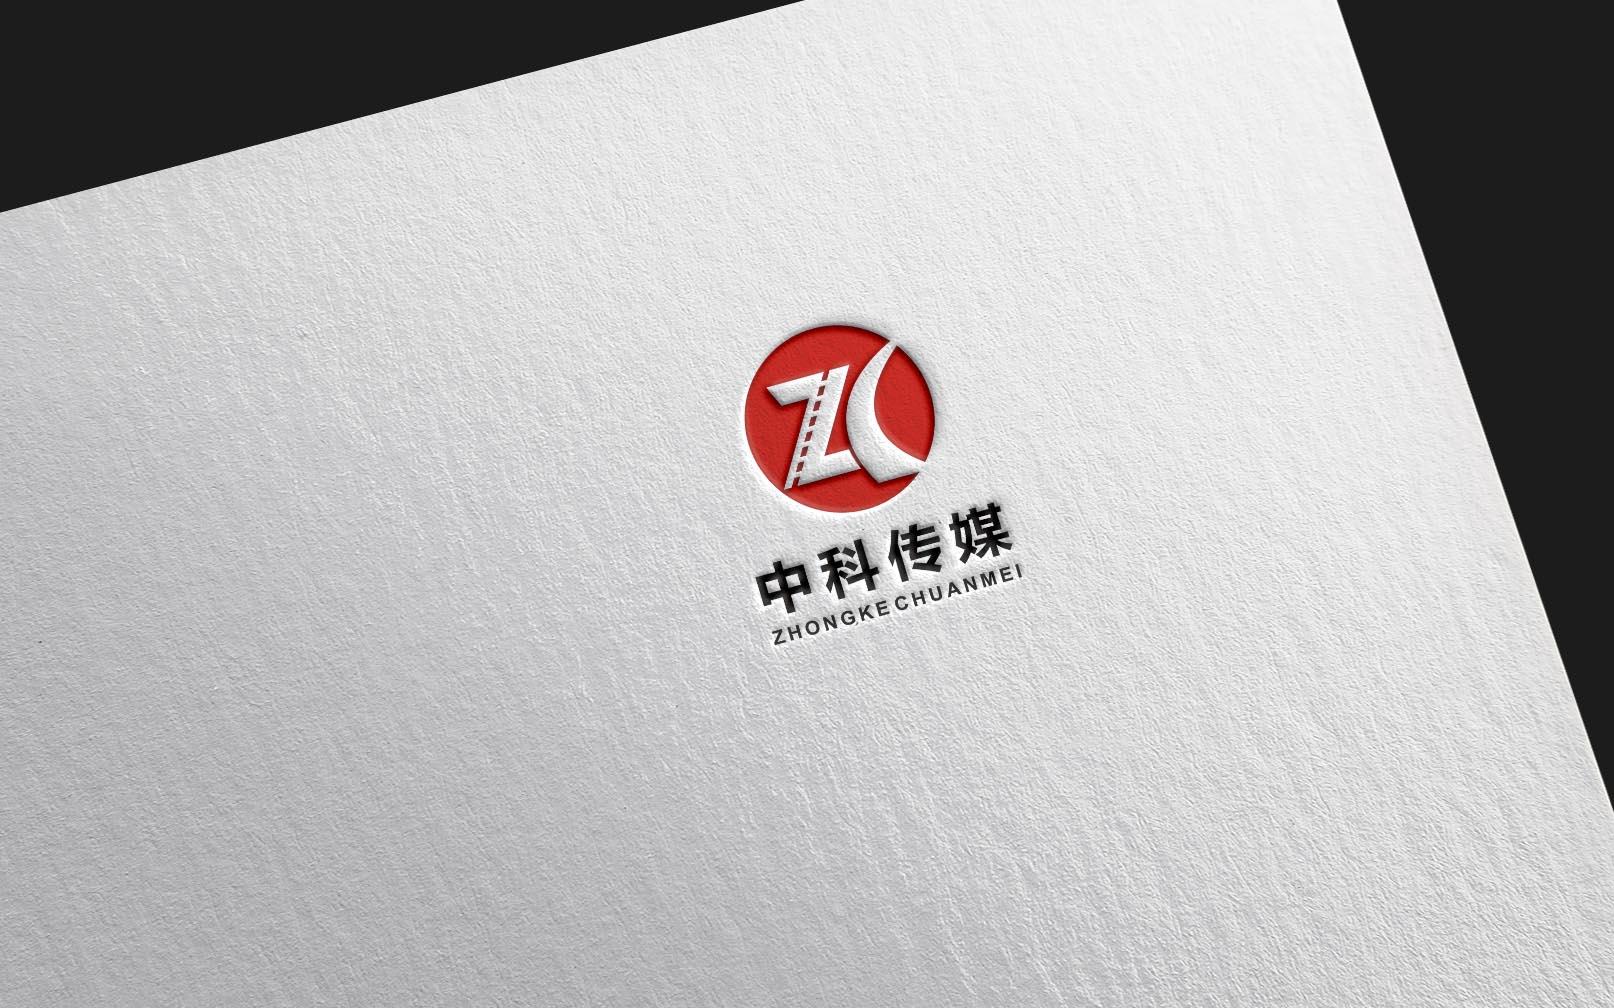 中英文LOGO 设计_3025502_k68威客网